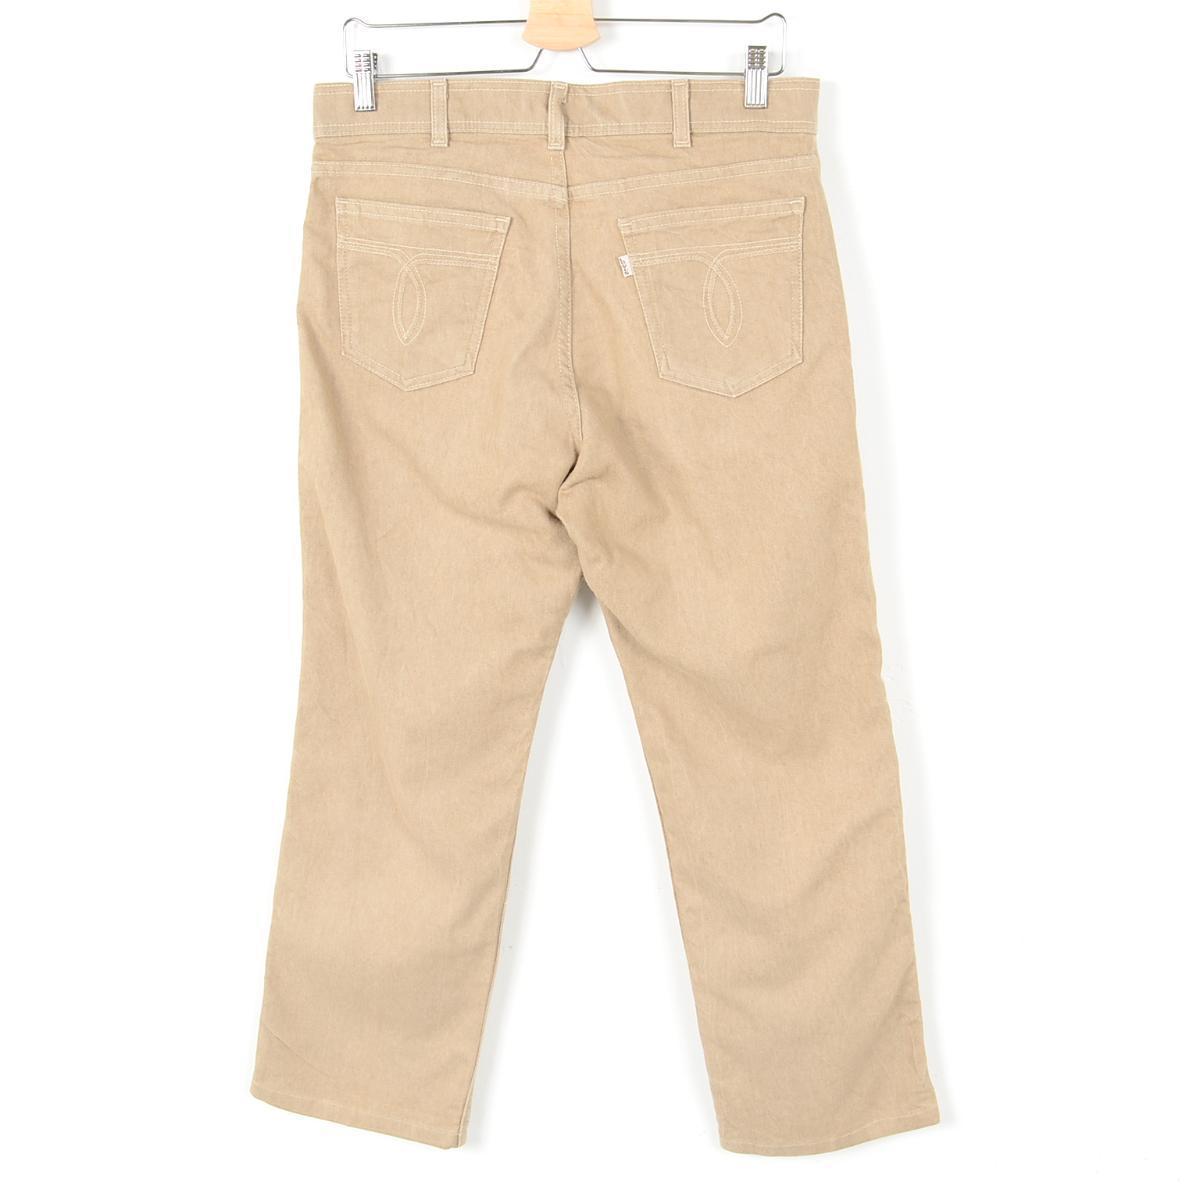 在美国棉裤子男装 w34 李维斯 /wej7968 李维斯与 SKOSH 更多房间 151003